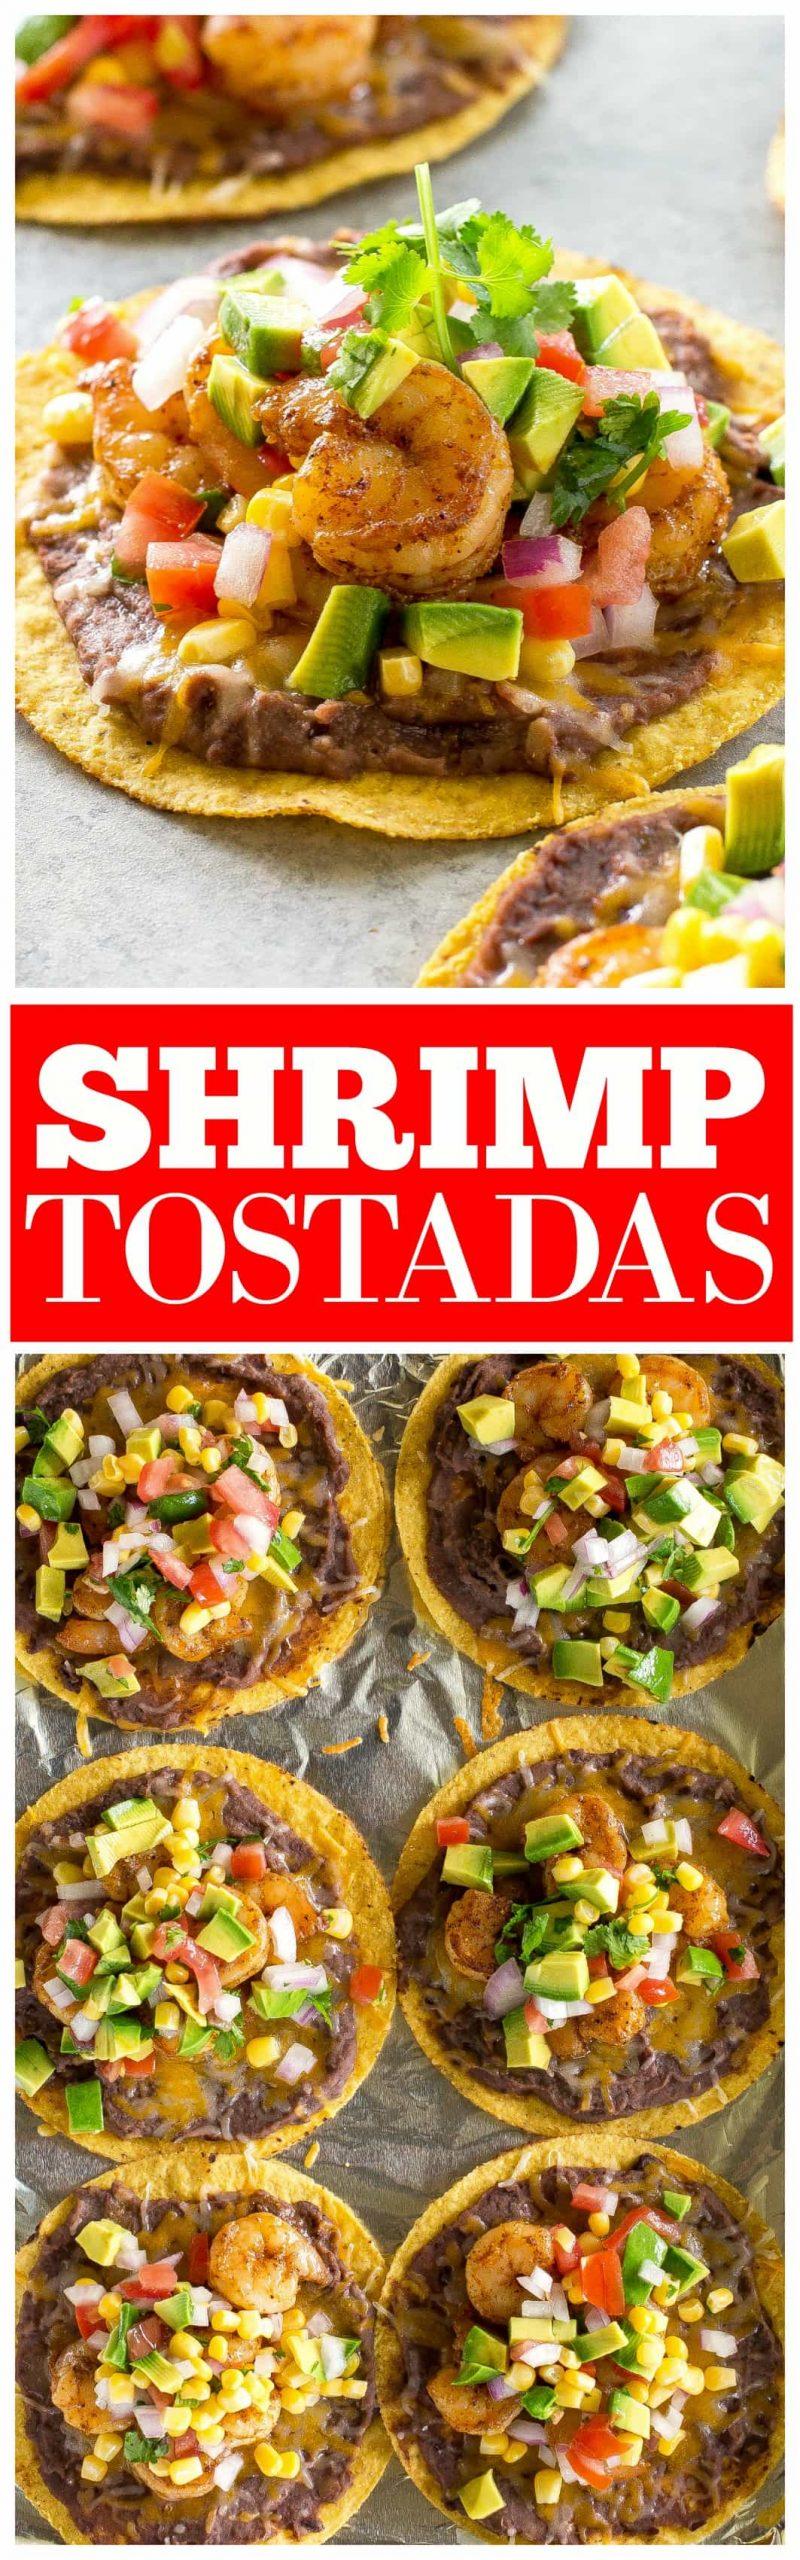 Shrimp Tostadas with black beans, avocado, onions, tomatoes, and cilantro. #shrimp #tostadas #recipe #mexican #dinner